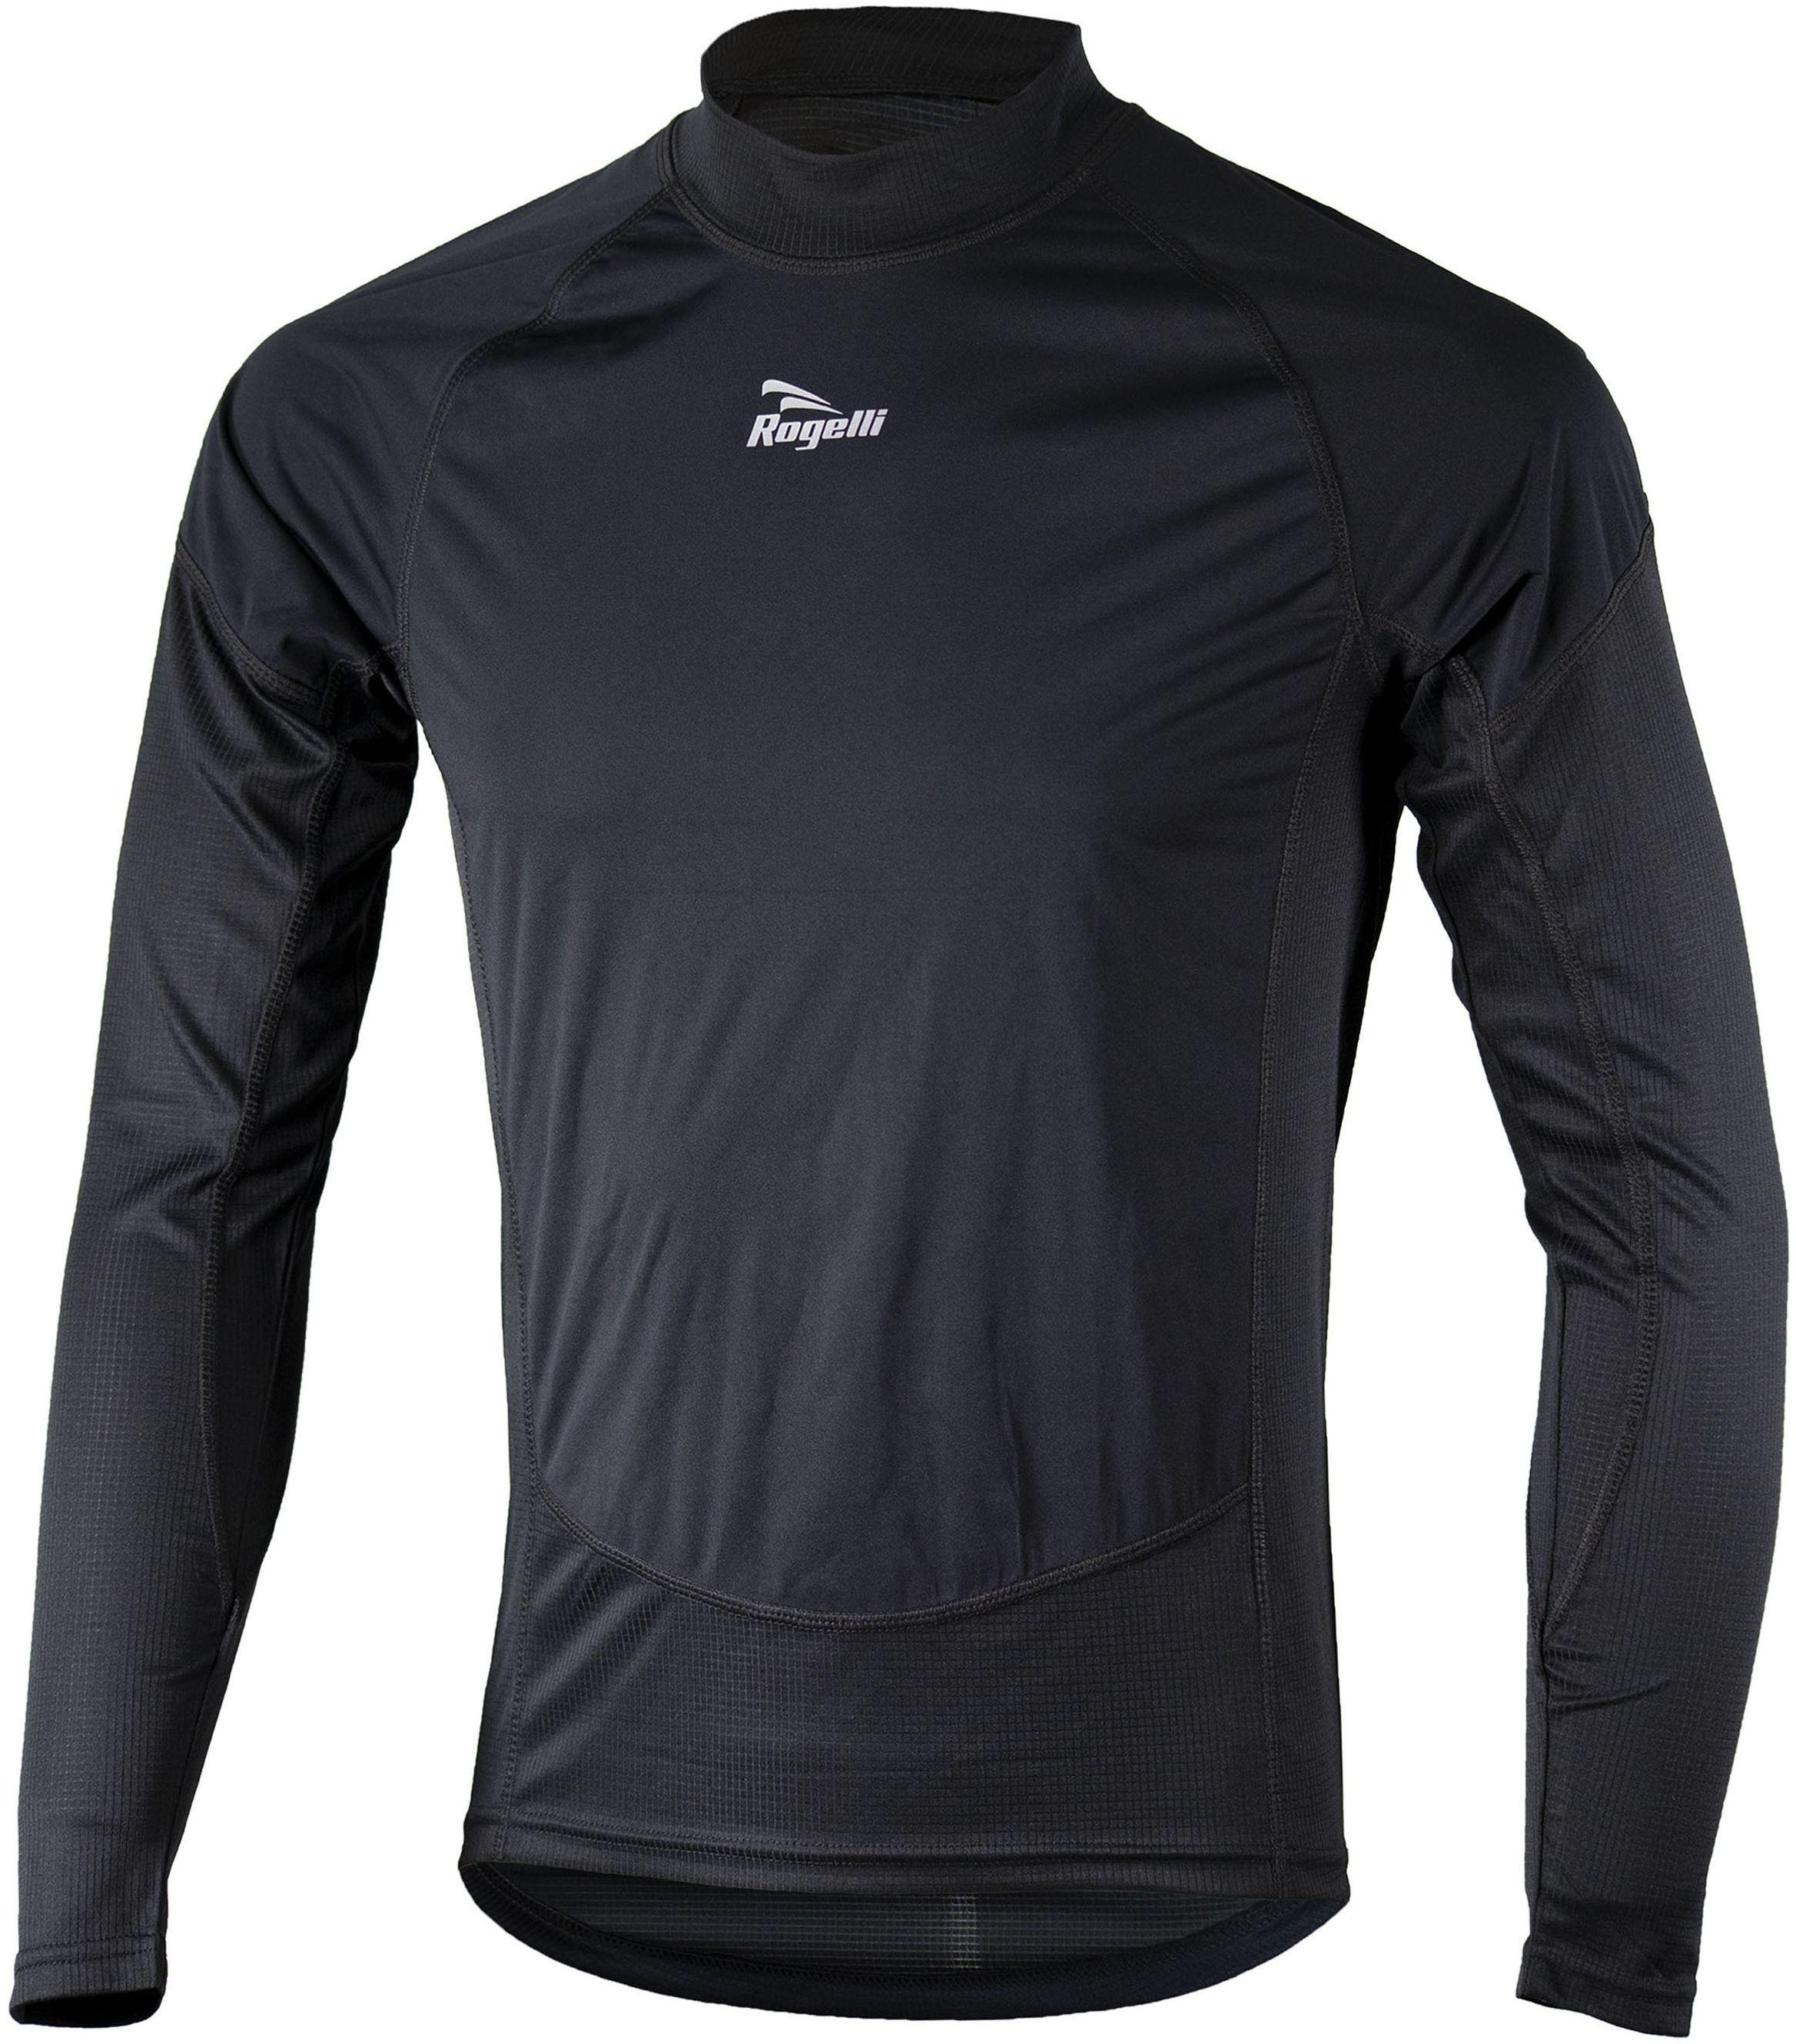 ROGELLI bielizna męska koszulka z panelami NO-WIND 070.025 Rozmiar: M,rog-no-wind-black